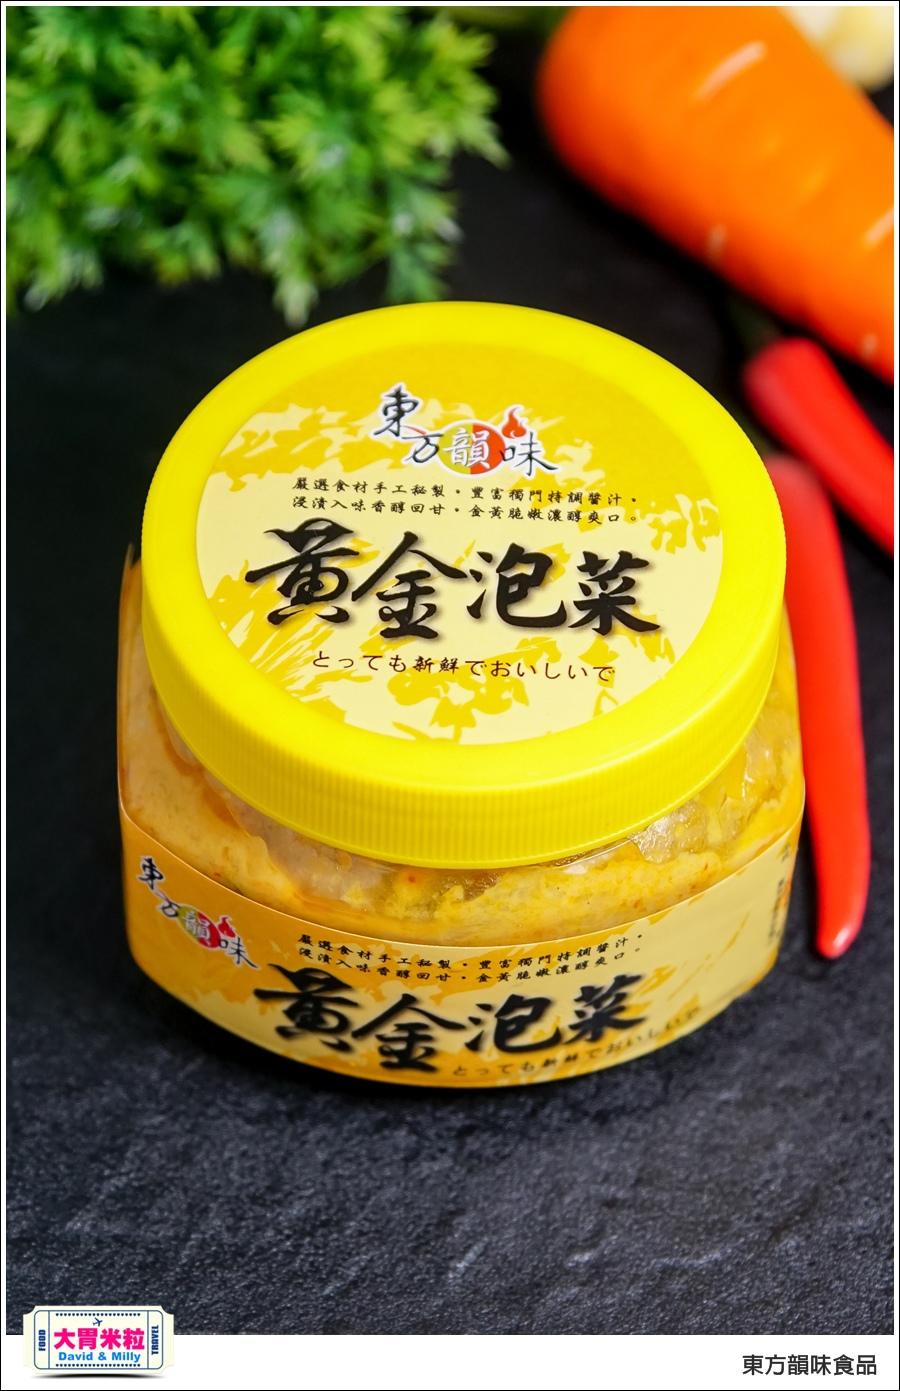 宅配黃金泡菜XO醬推薦 @東方韻味黃金泡菜+XO醬@大胃米粒 0002.jpg